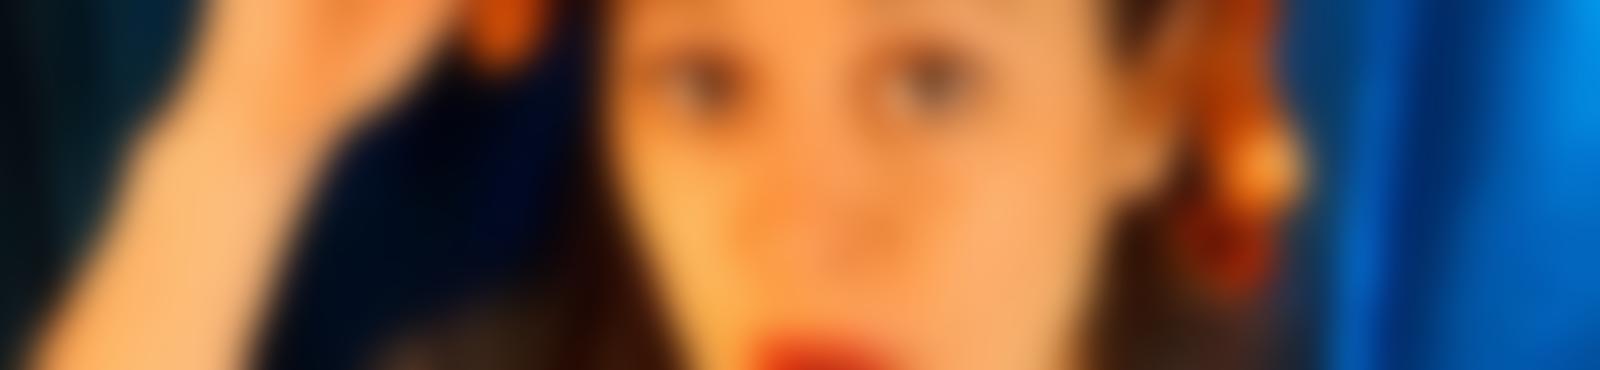 Blurred c3981b9d 7db8 4d79 b5f8 43c3b0a0cab8